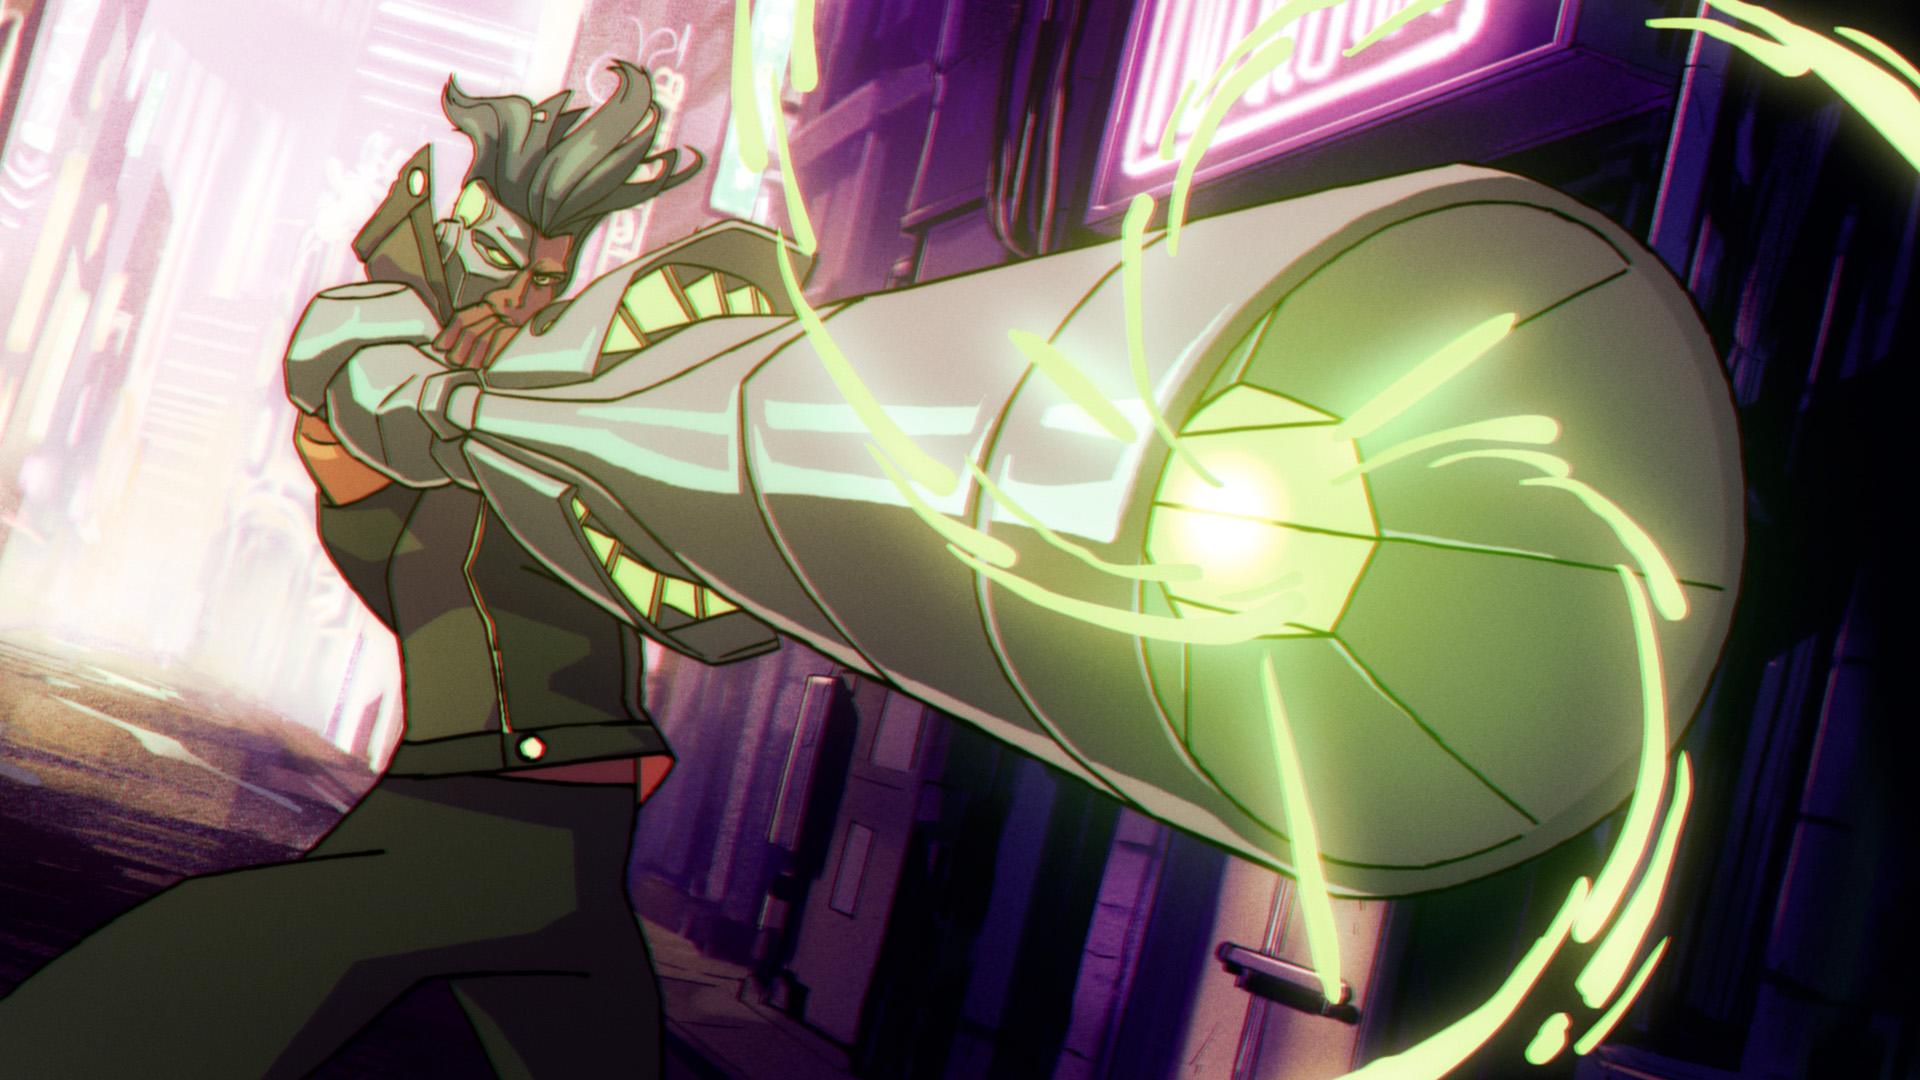 Far cry 3 anime serie Captain Laserhawk netflix